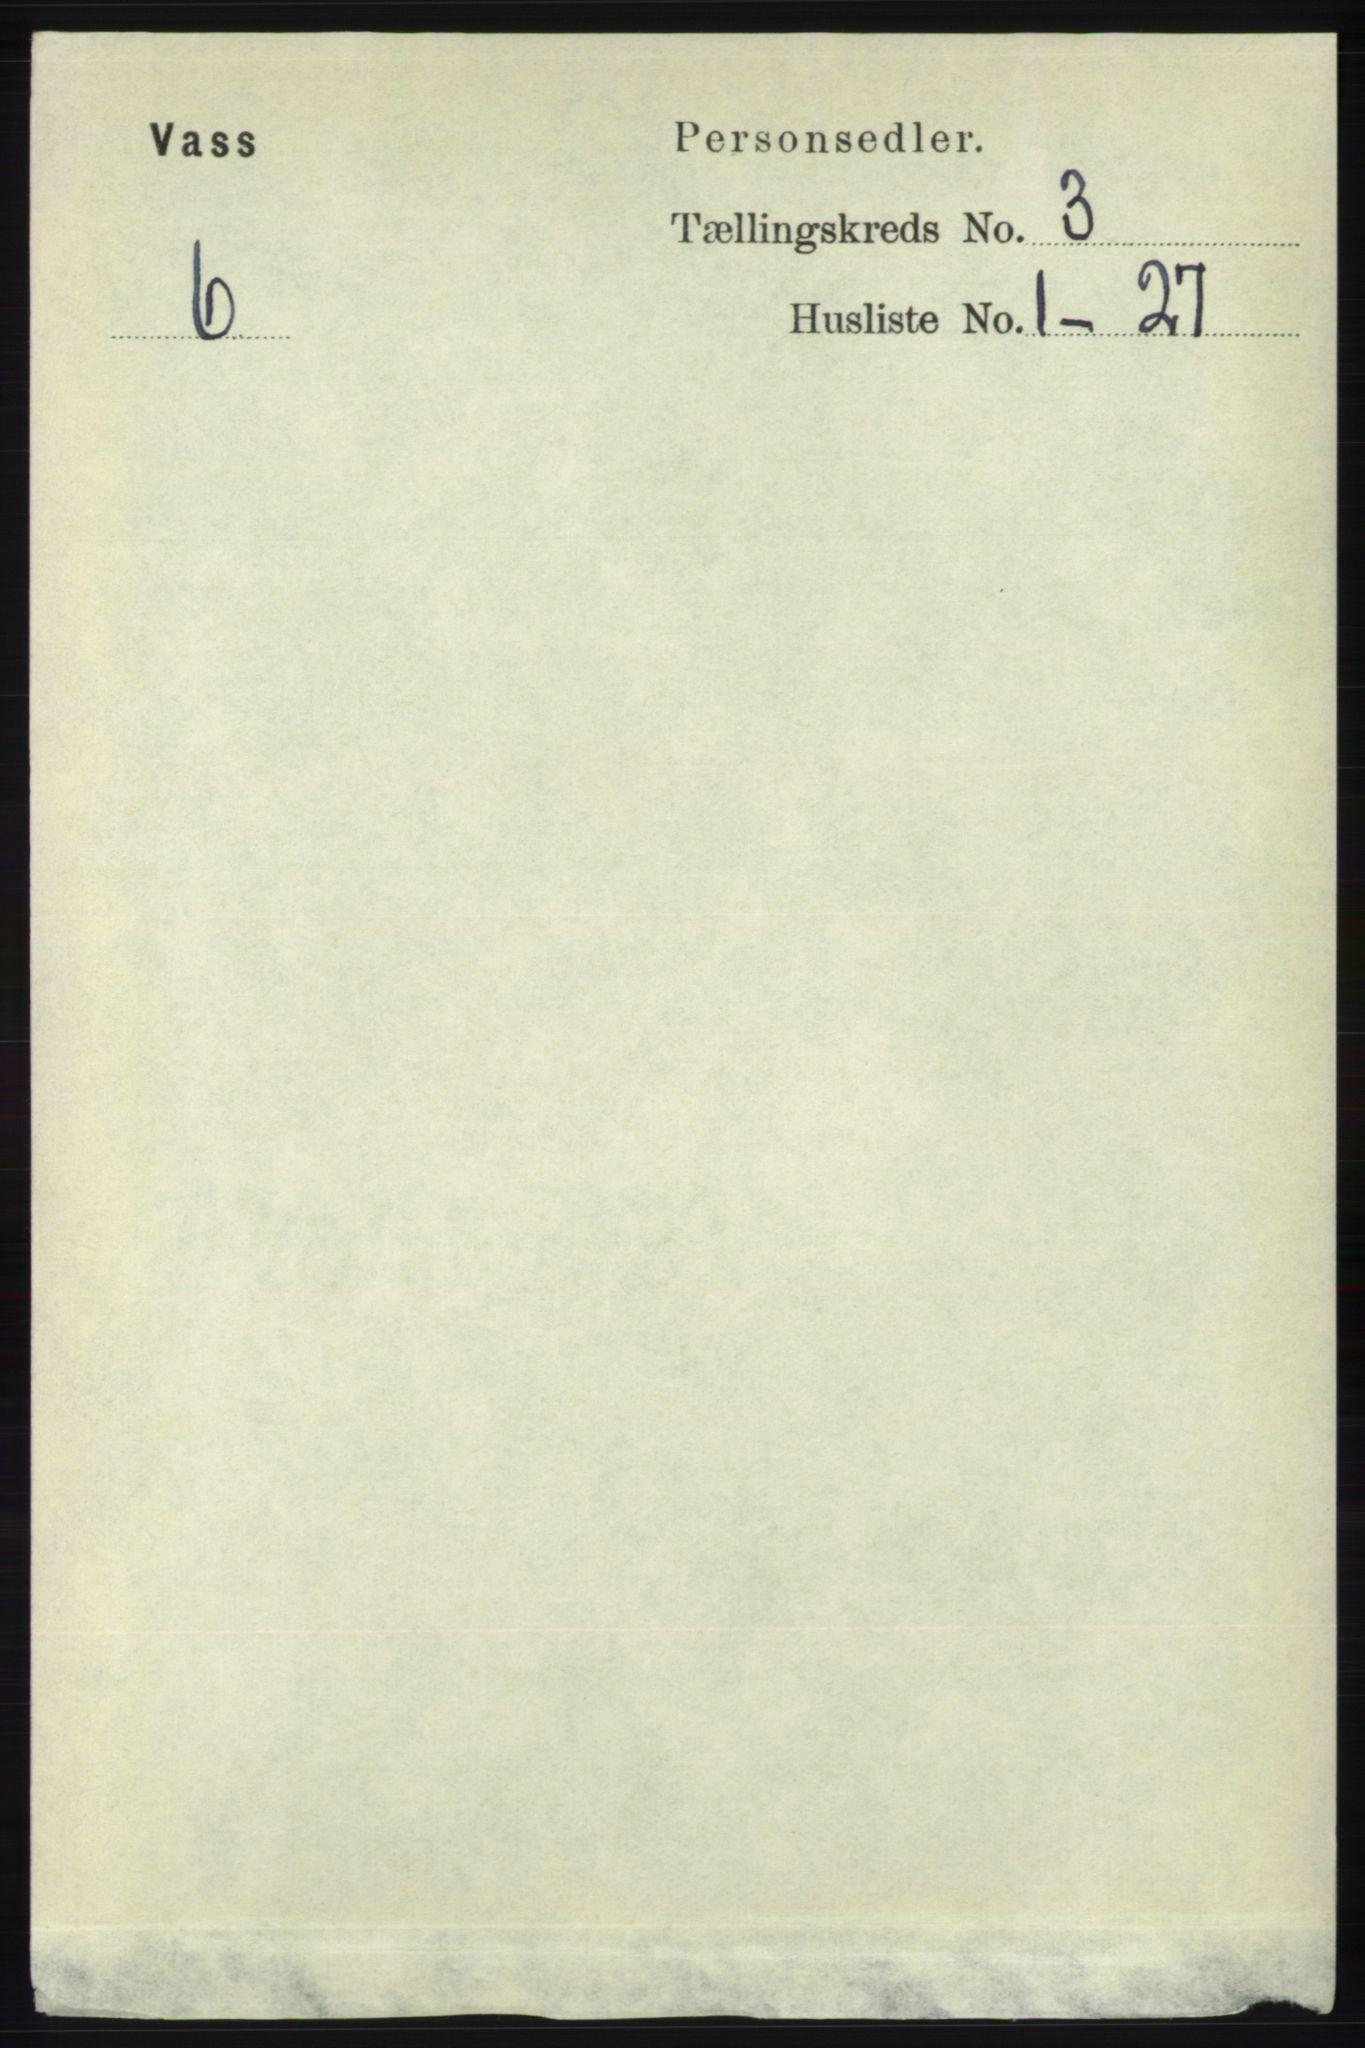 RA, Folketelling 1891 for 1155 Vats herred, 1891, s. 448